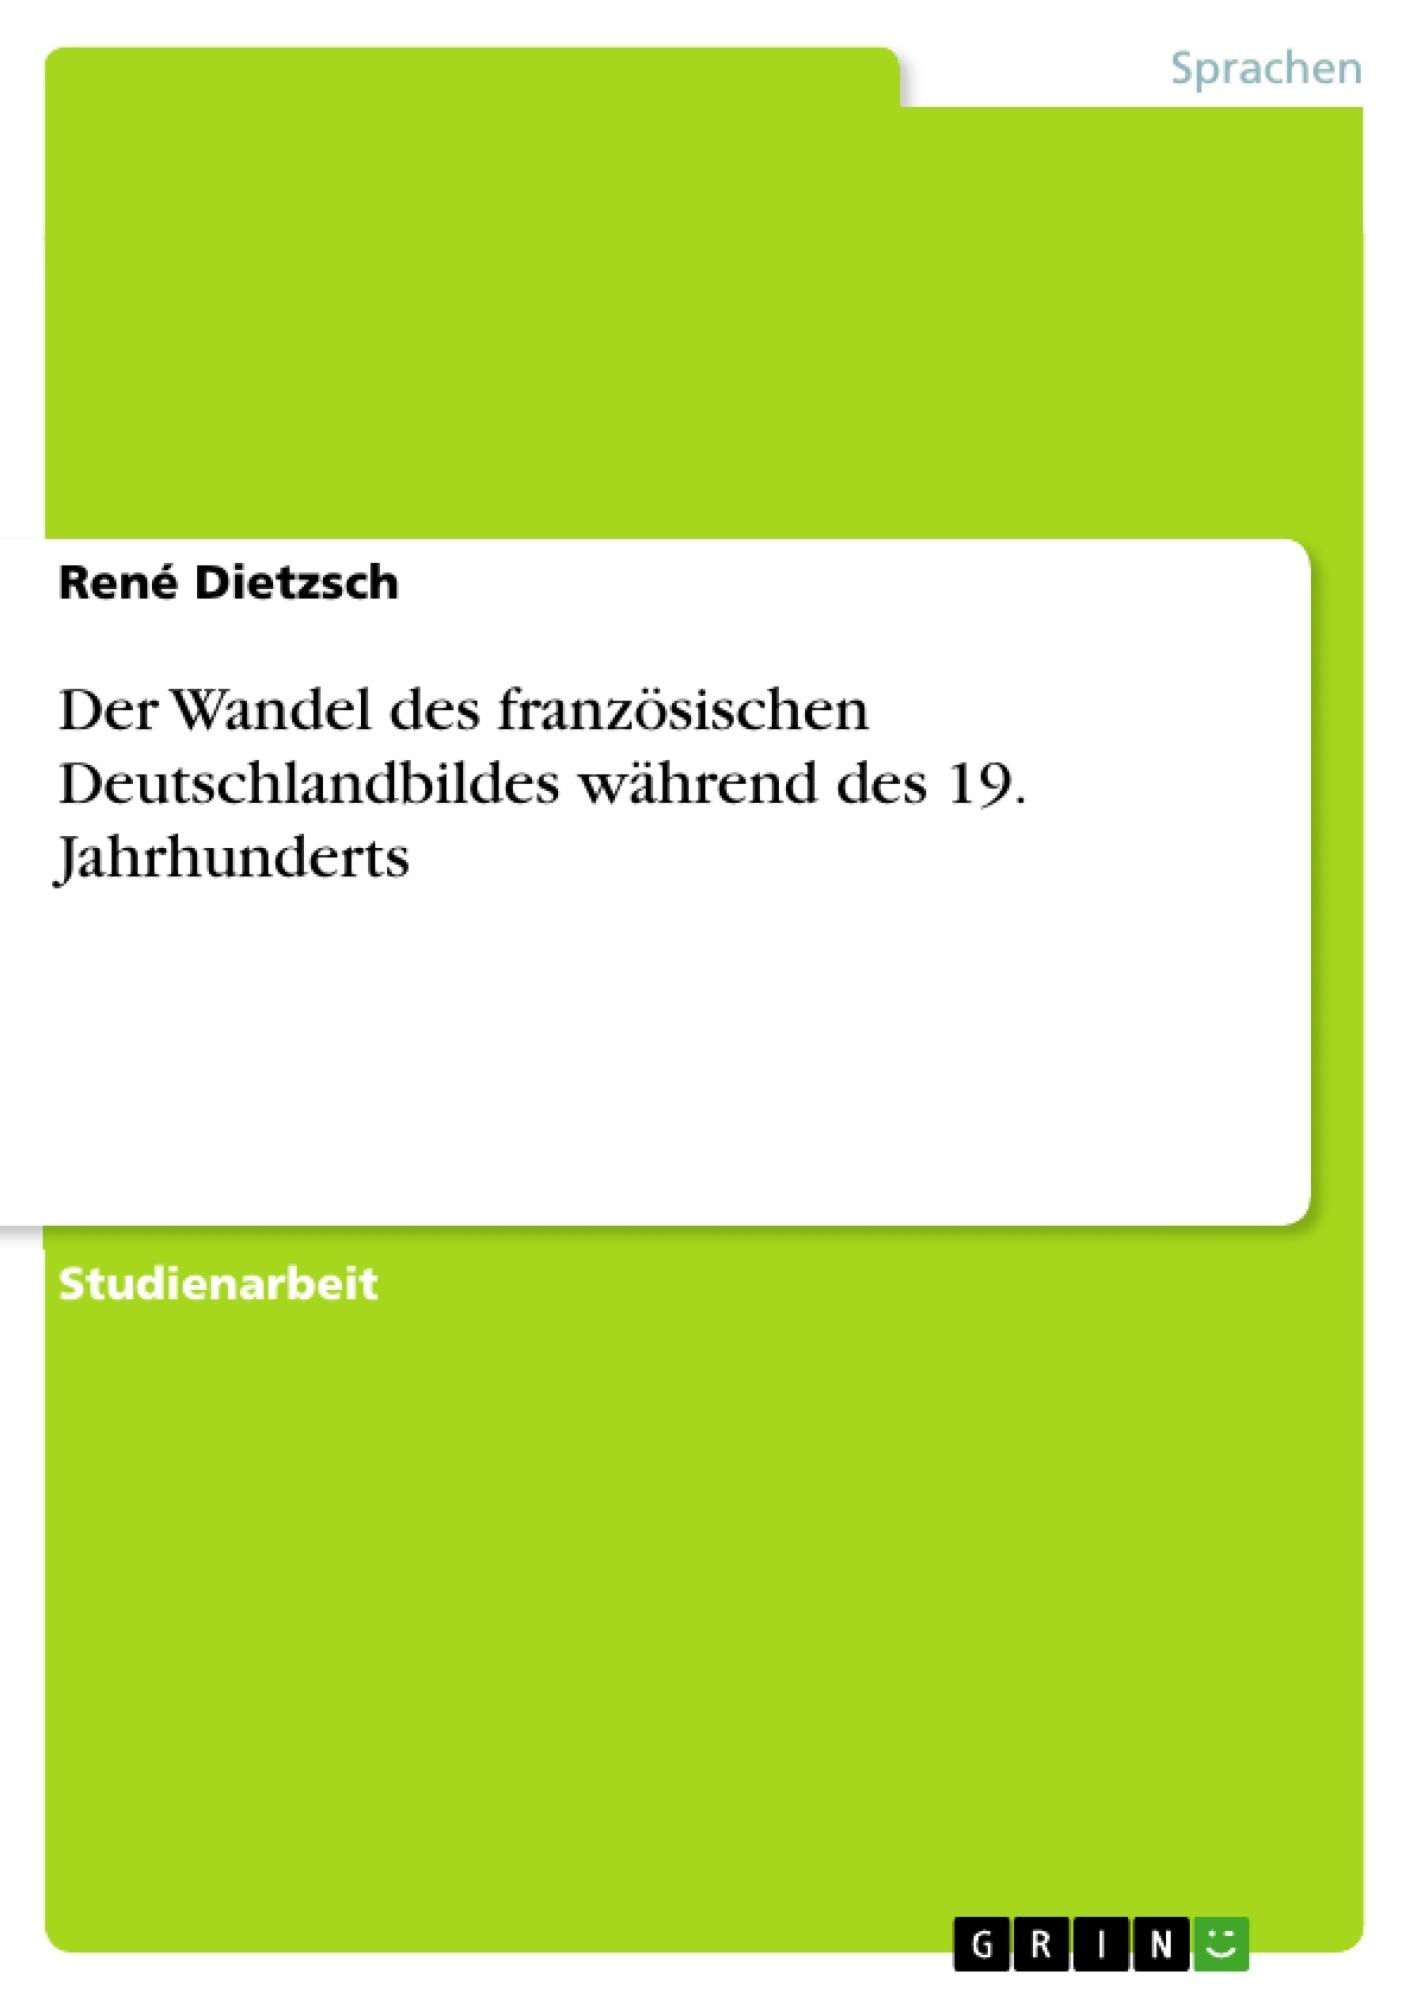 Titel: Der Wandel des französischen Deutschlandbildes während des 19. Jahrhunderts